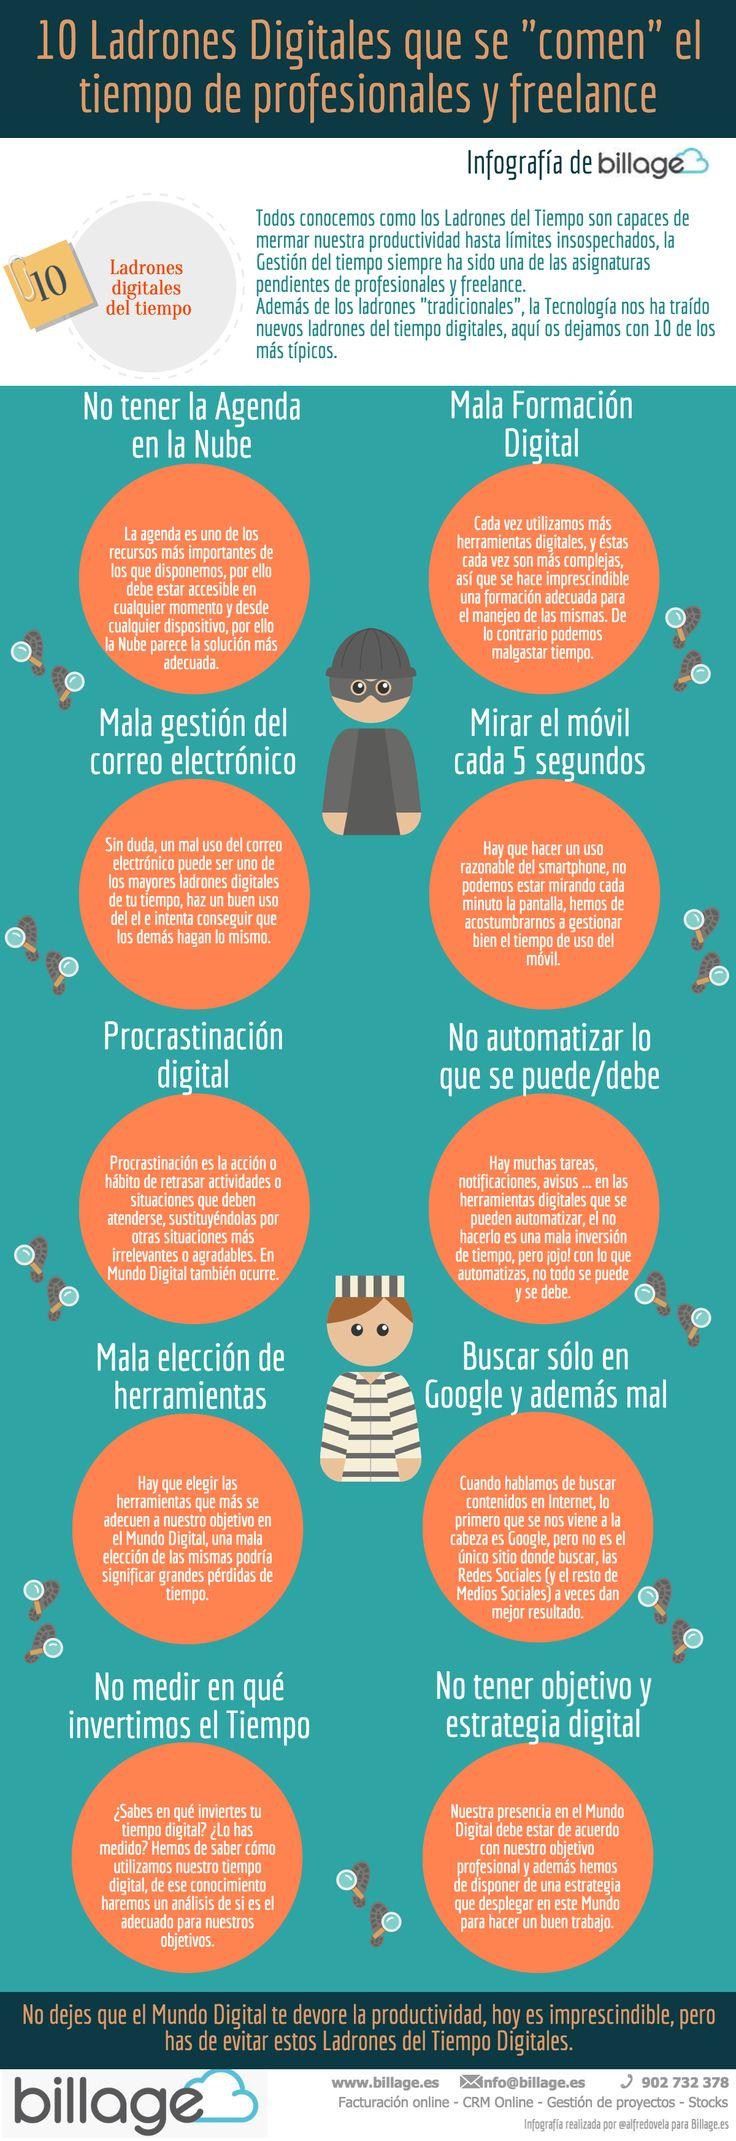 """10 Ladrones Digitales que se """"comen"""" el tiempo de profesionales y freelance #infografia"""